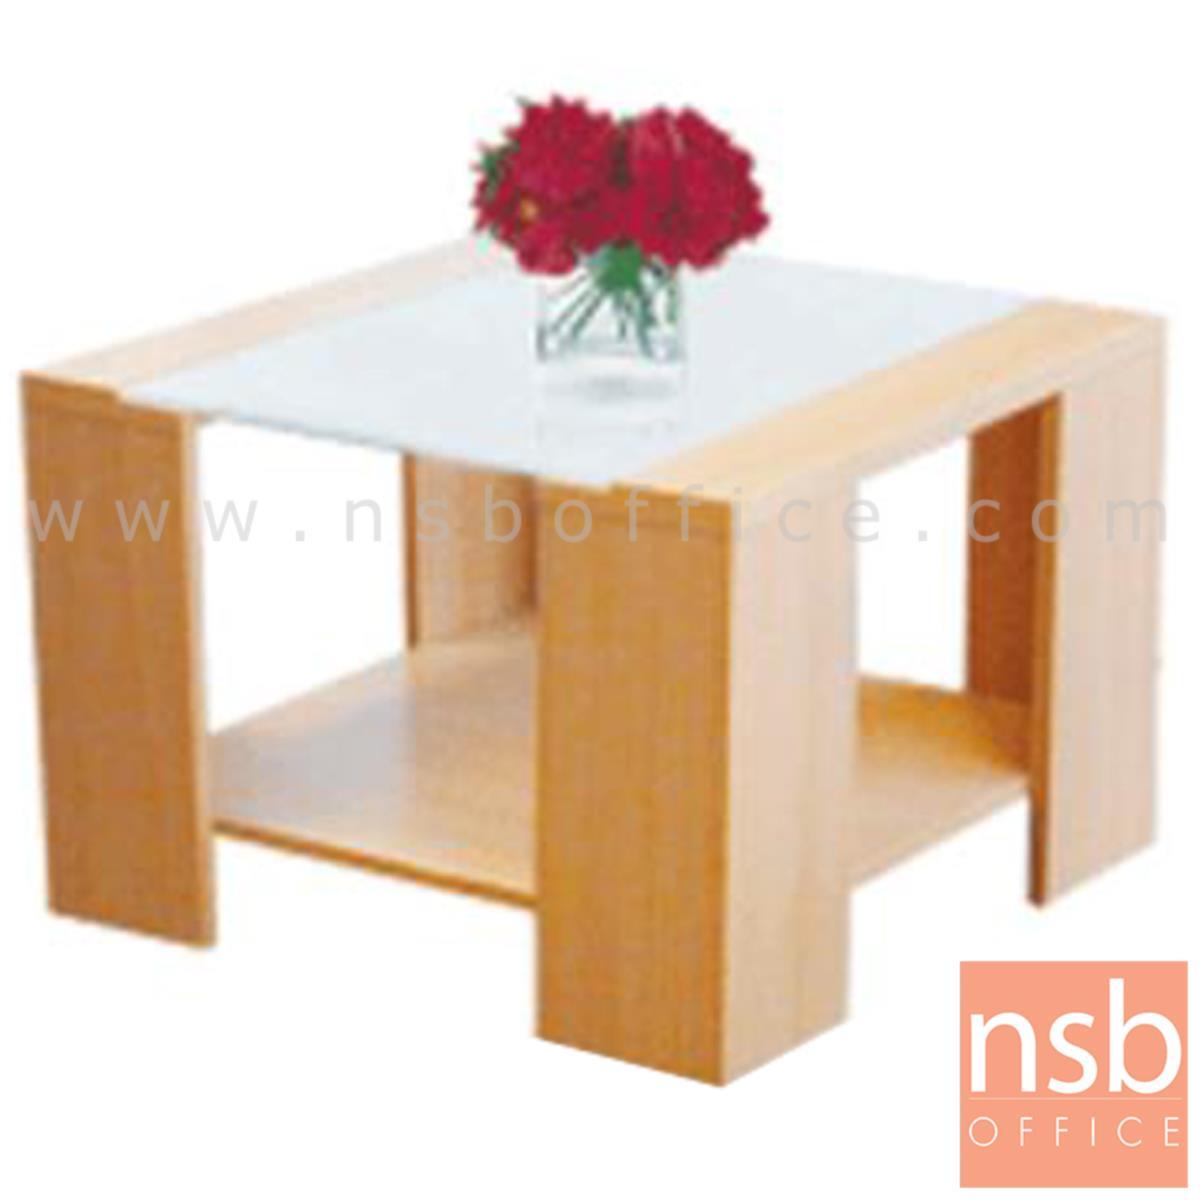 โต๊ะกลางกระจก  รุ่น Grojband (กรอจแบนด์) ขนาด 60W cm. โครงไม้